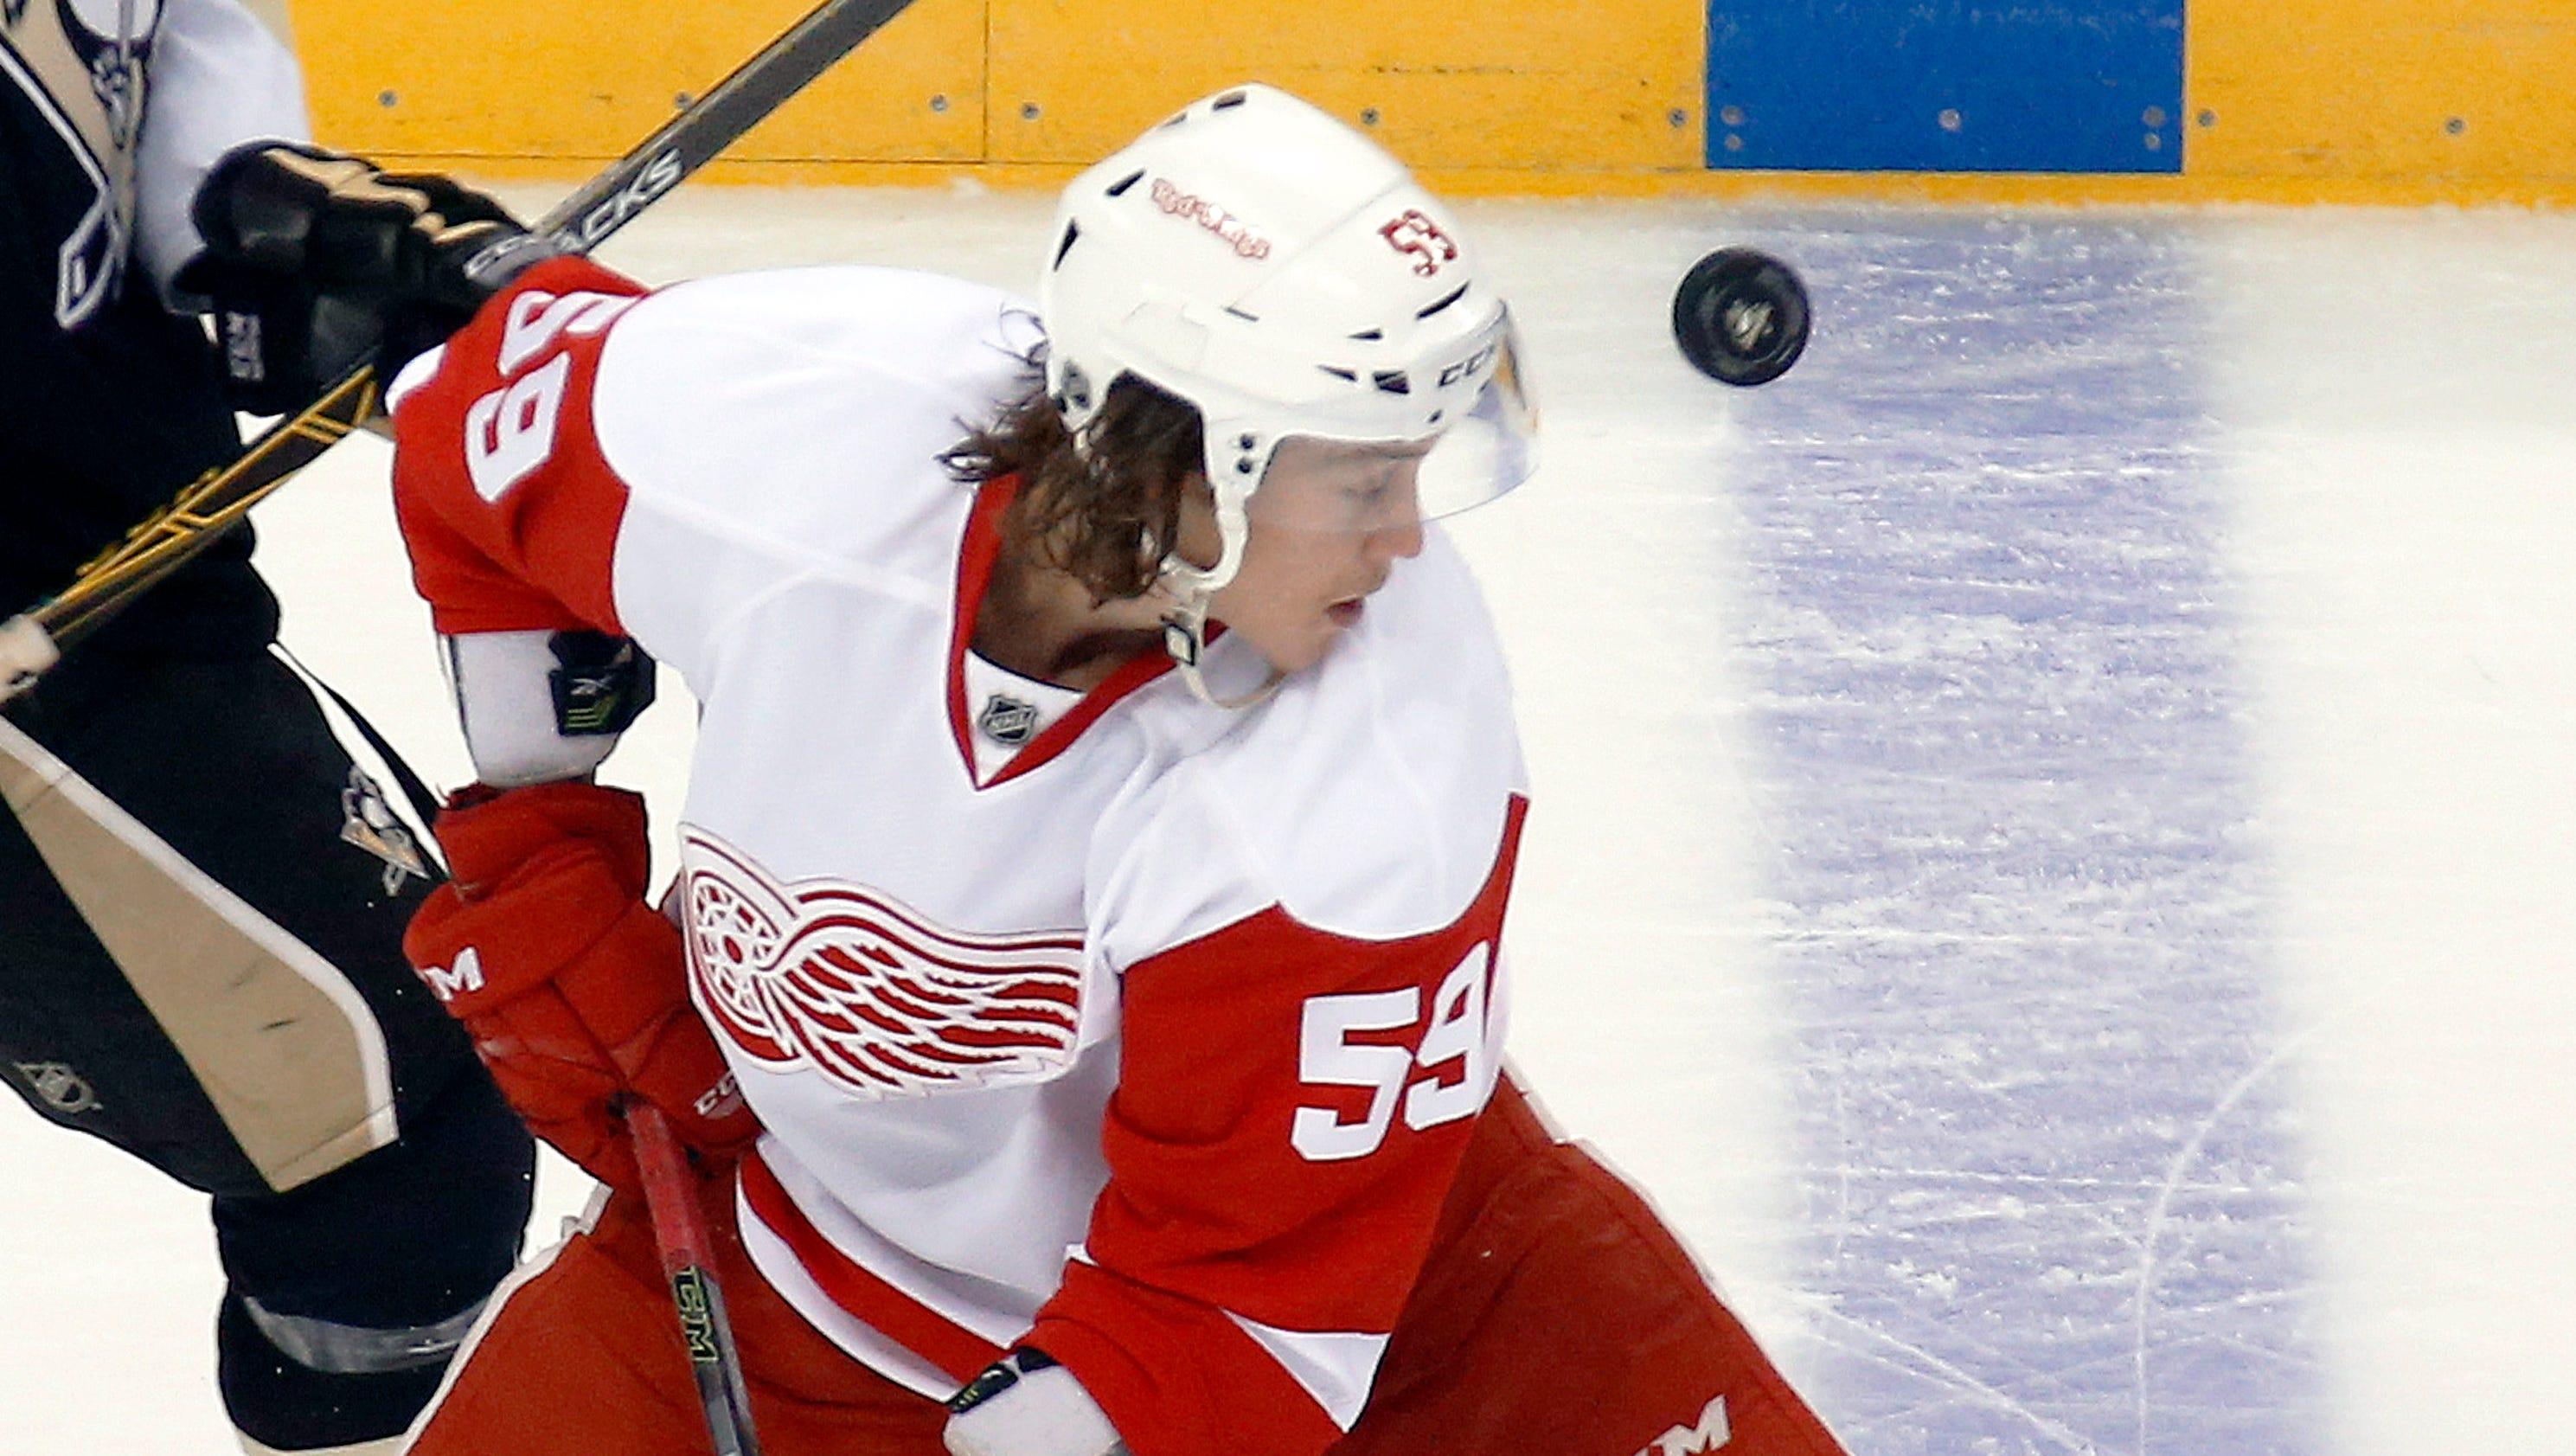 635970252622968261-ap-red-wings-penguins-hockey